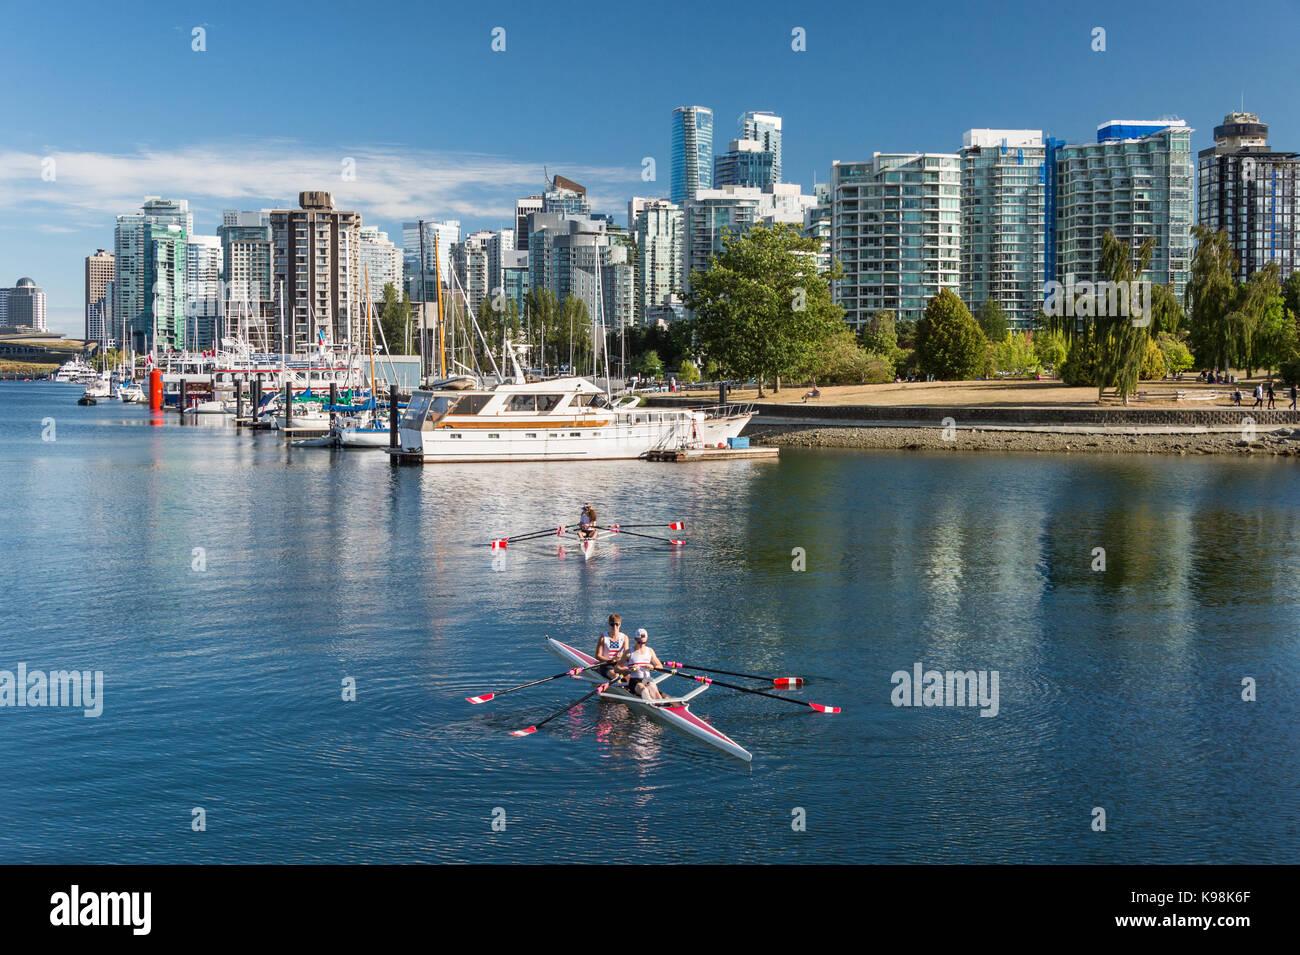 Vancouver, Colombie-Britannique, Canada - 12 septembre 2017: Le parc Stanley et sur la ville de Vancouver. Photo Stock